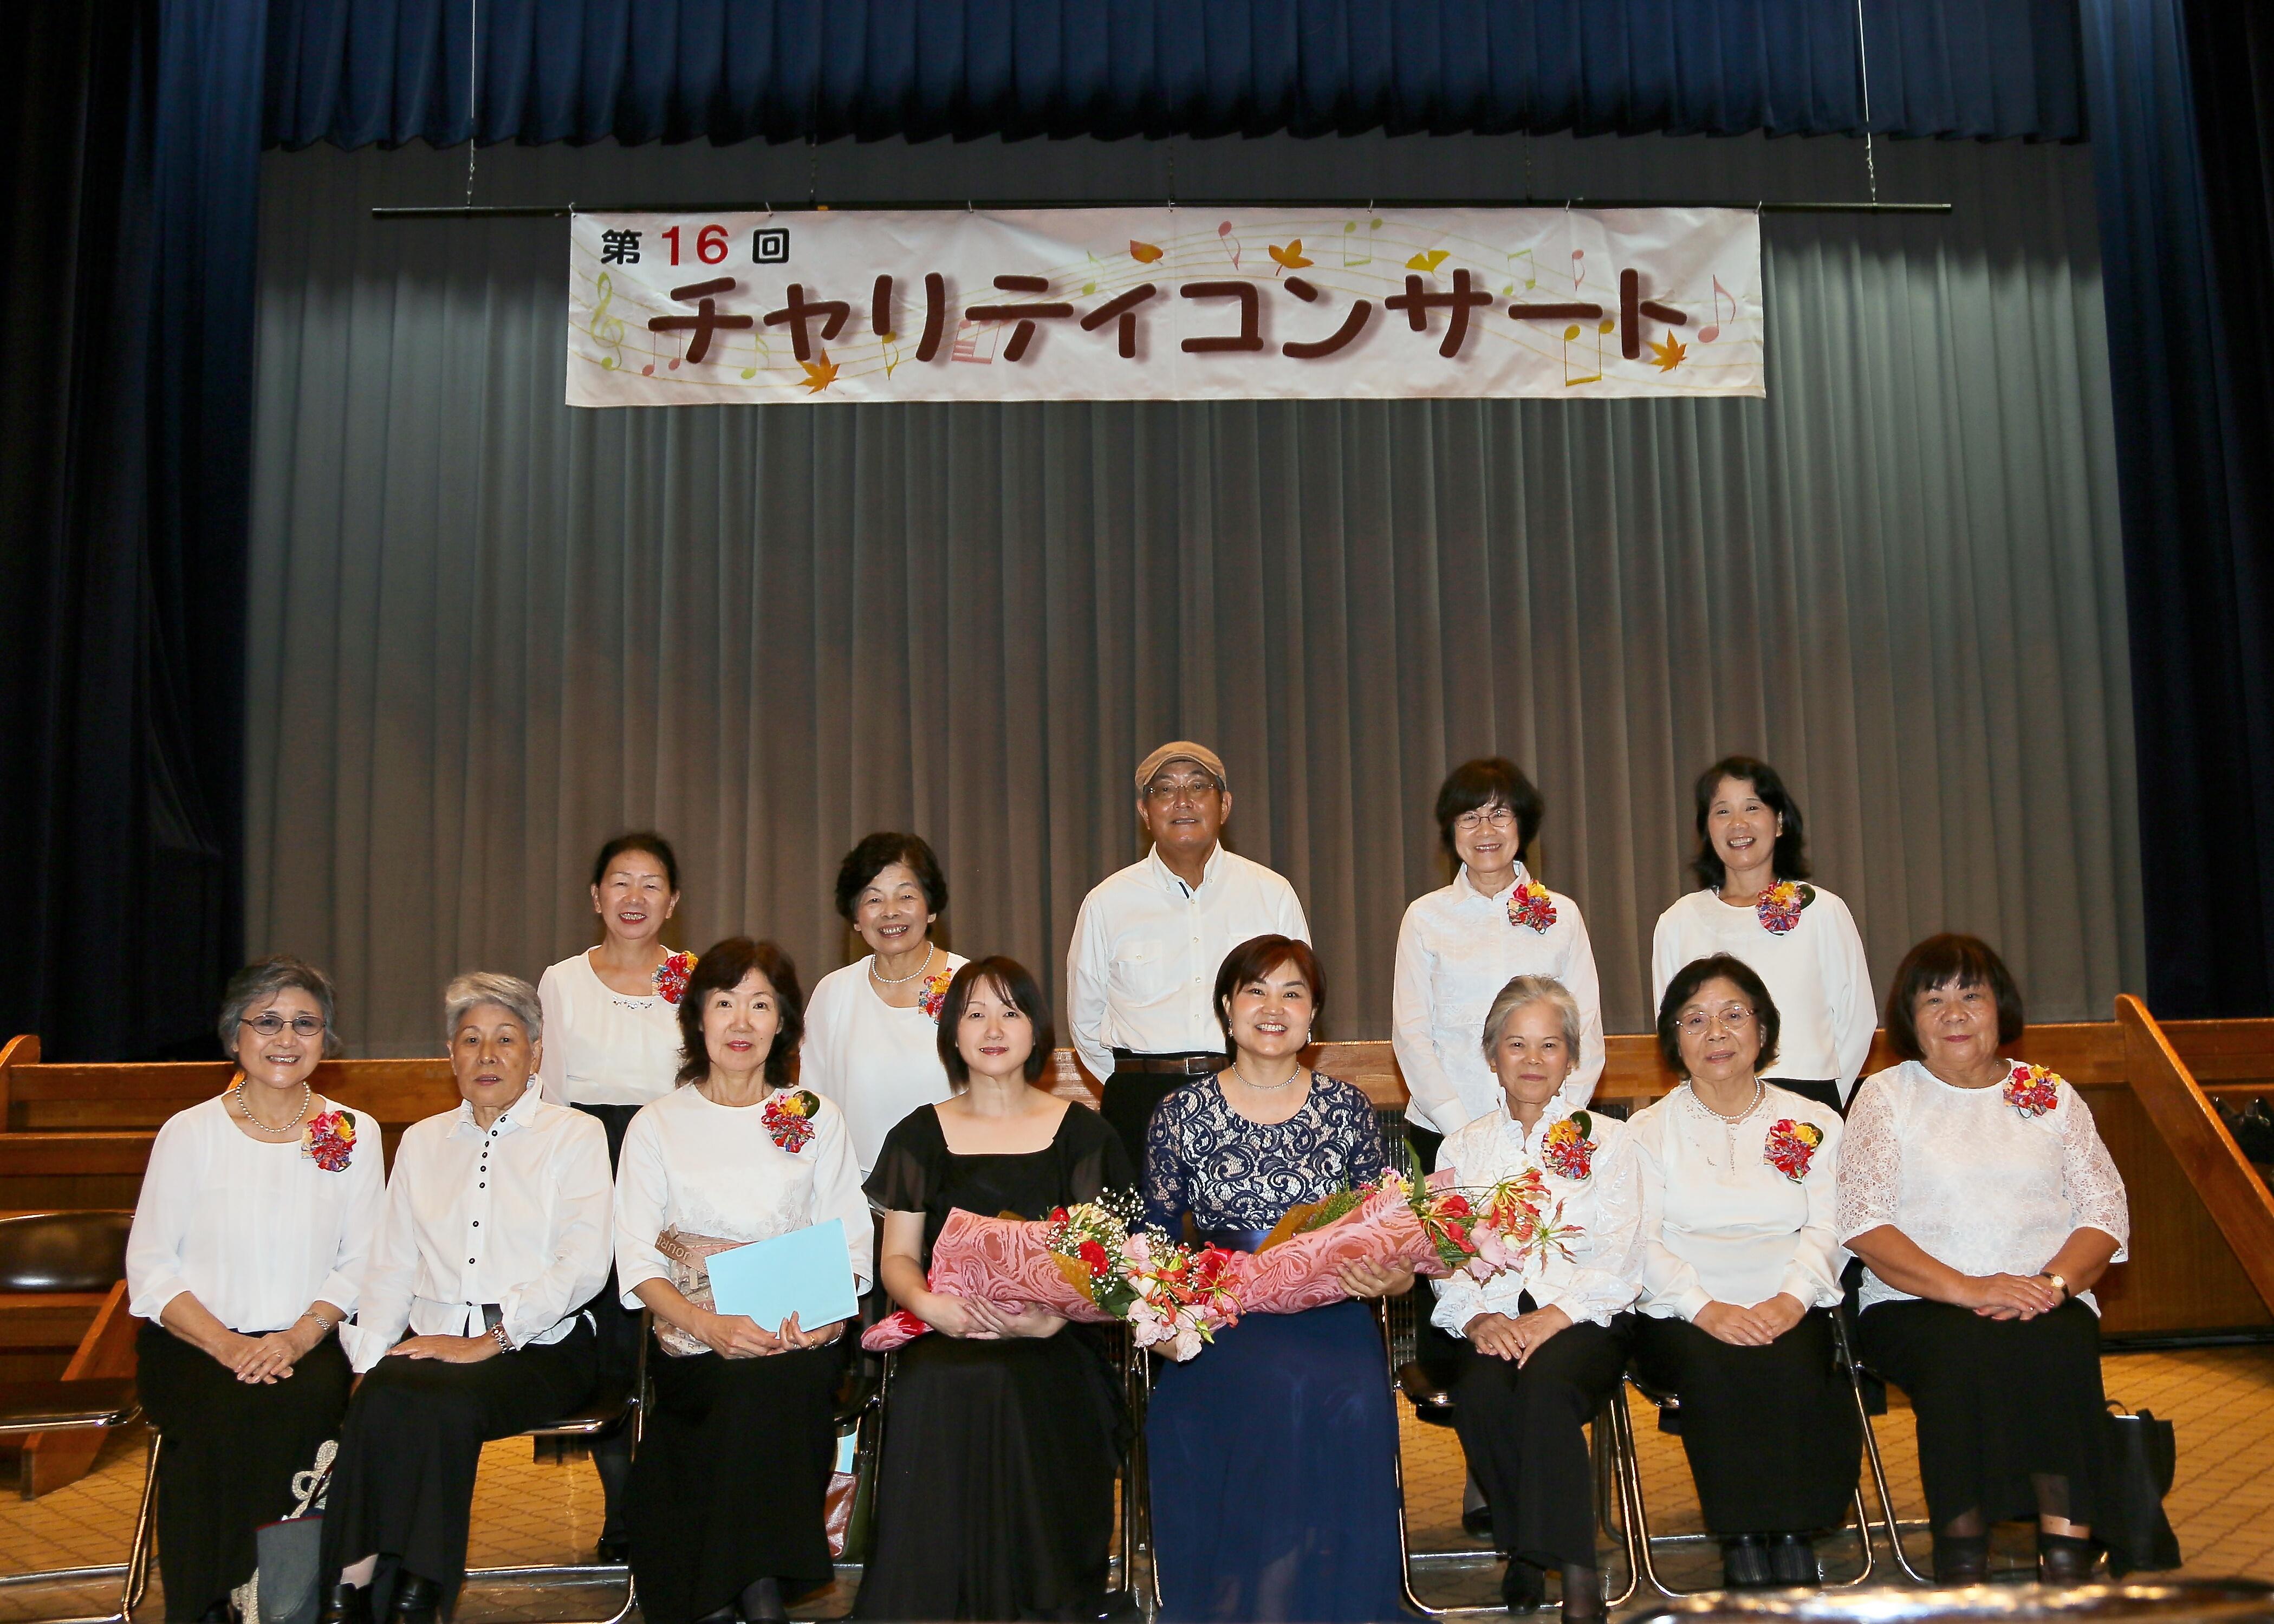 コンサート、福島、福祉ハウスボネール、阿部民子、あべたみこ、福島県伊達市、